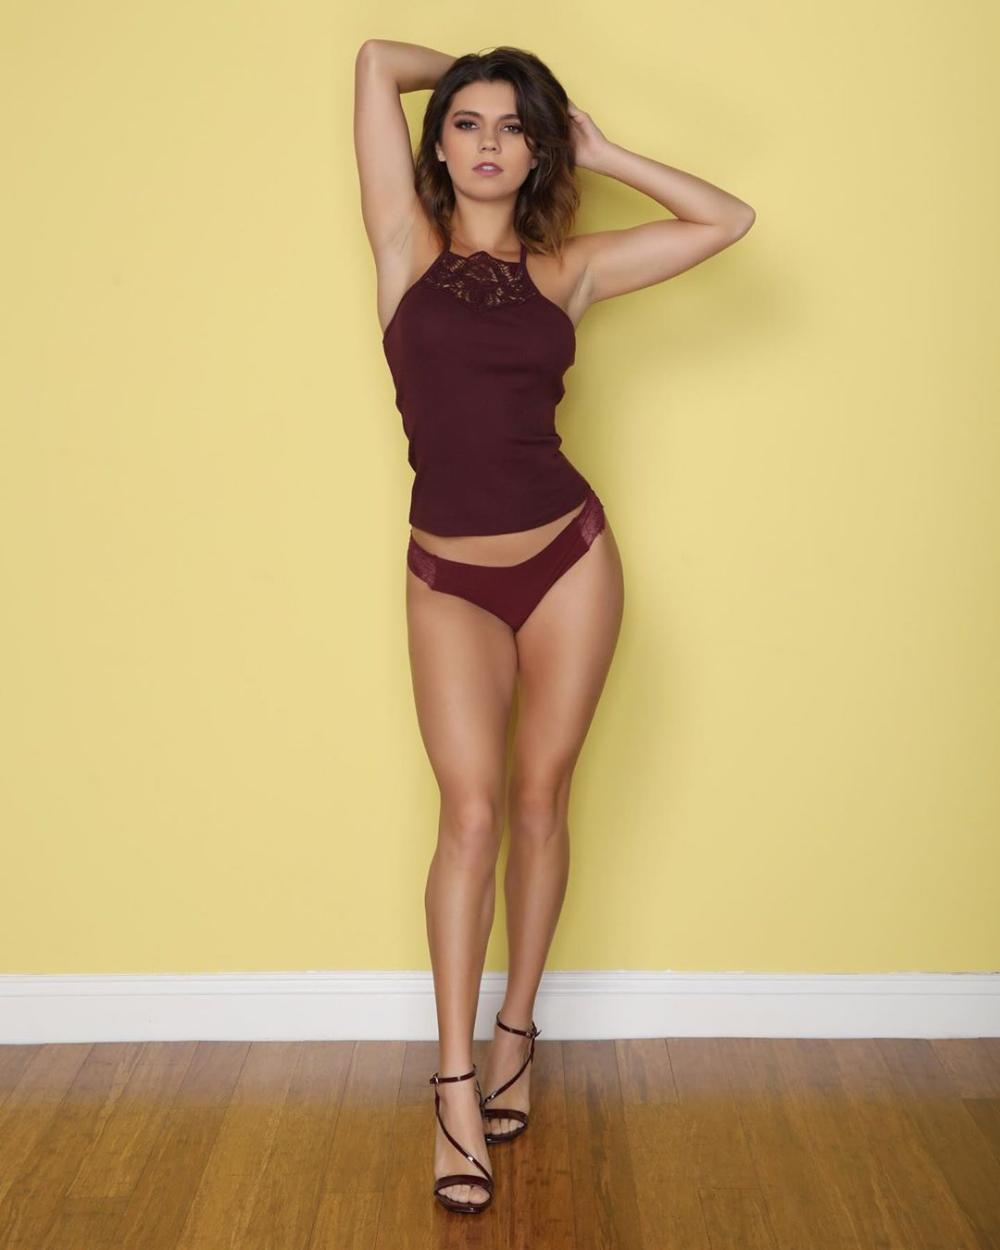 Dare Taylor Model photo 18